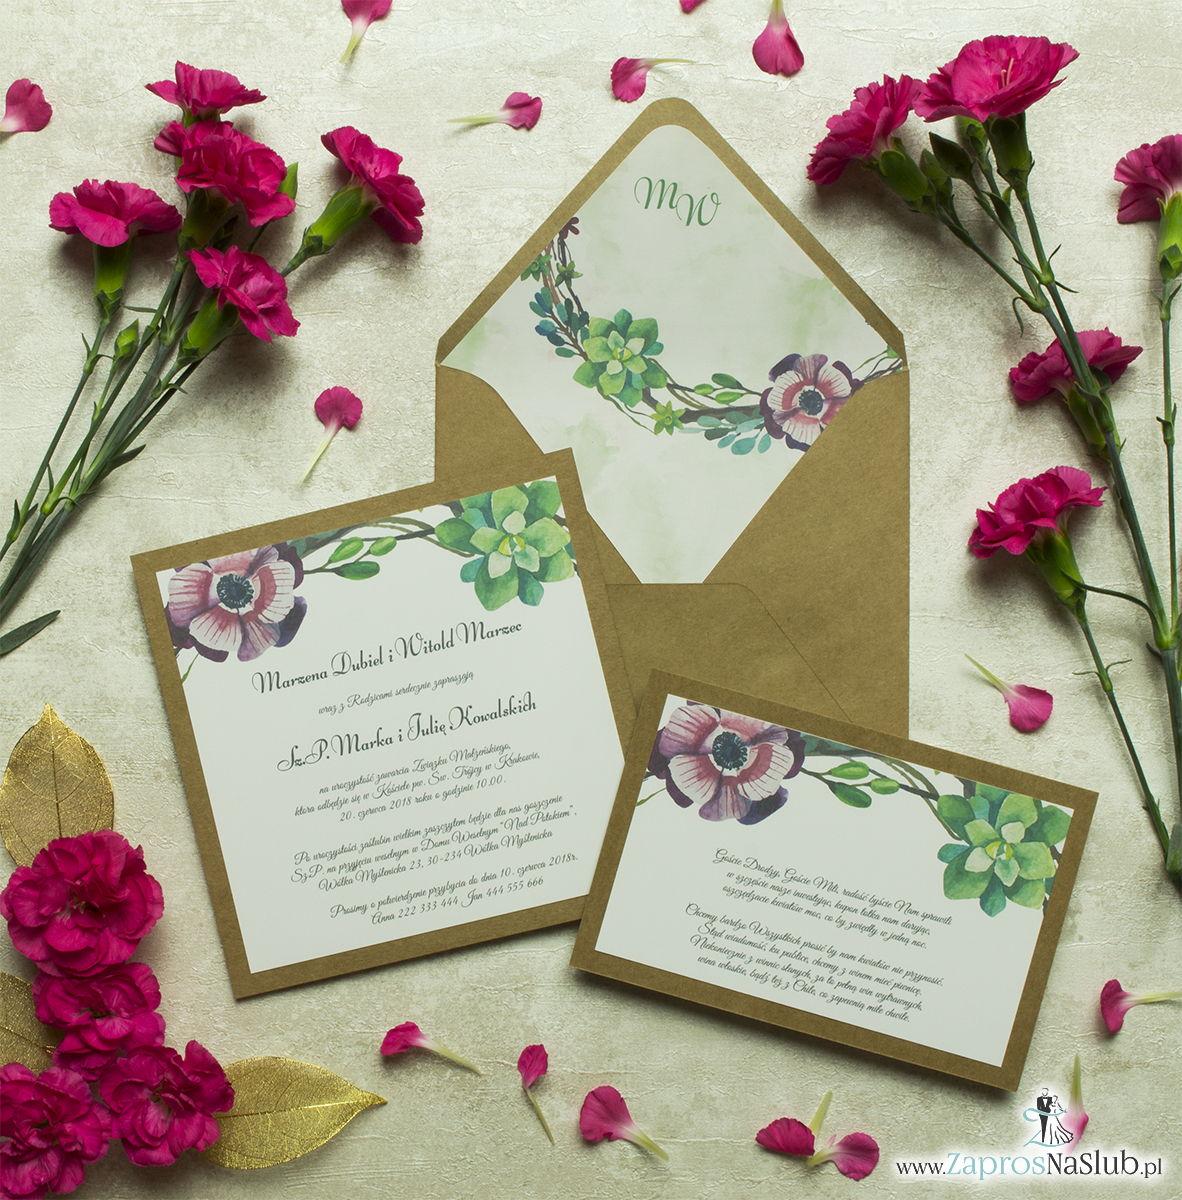 Dwuczęściowe, kwiatowe zaproszenia ślubne w stylu eko, z zielonymi sukulentami oraz różowymi kwiatami. ZAP-76-09